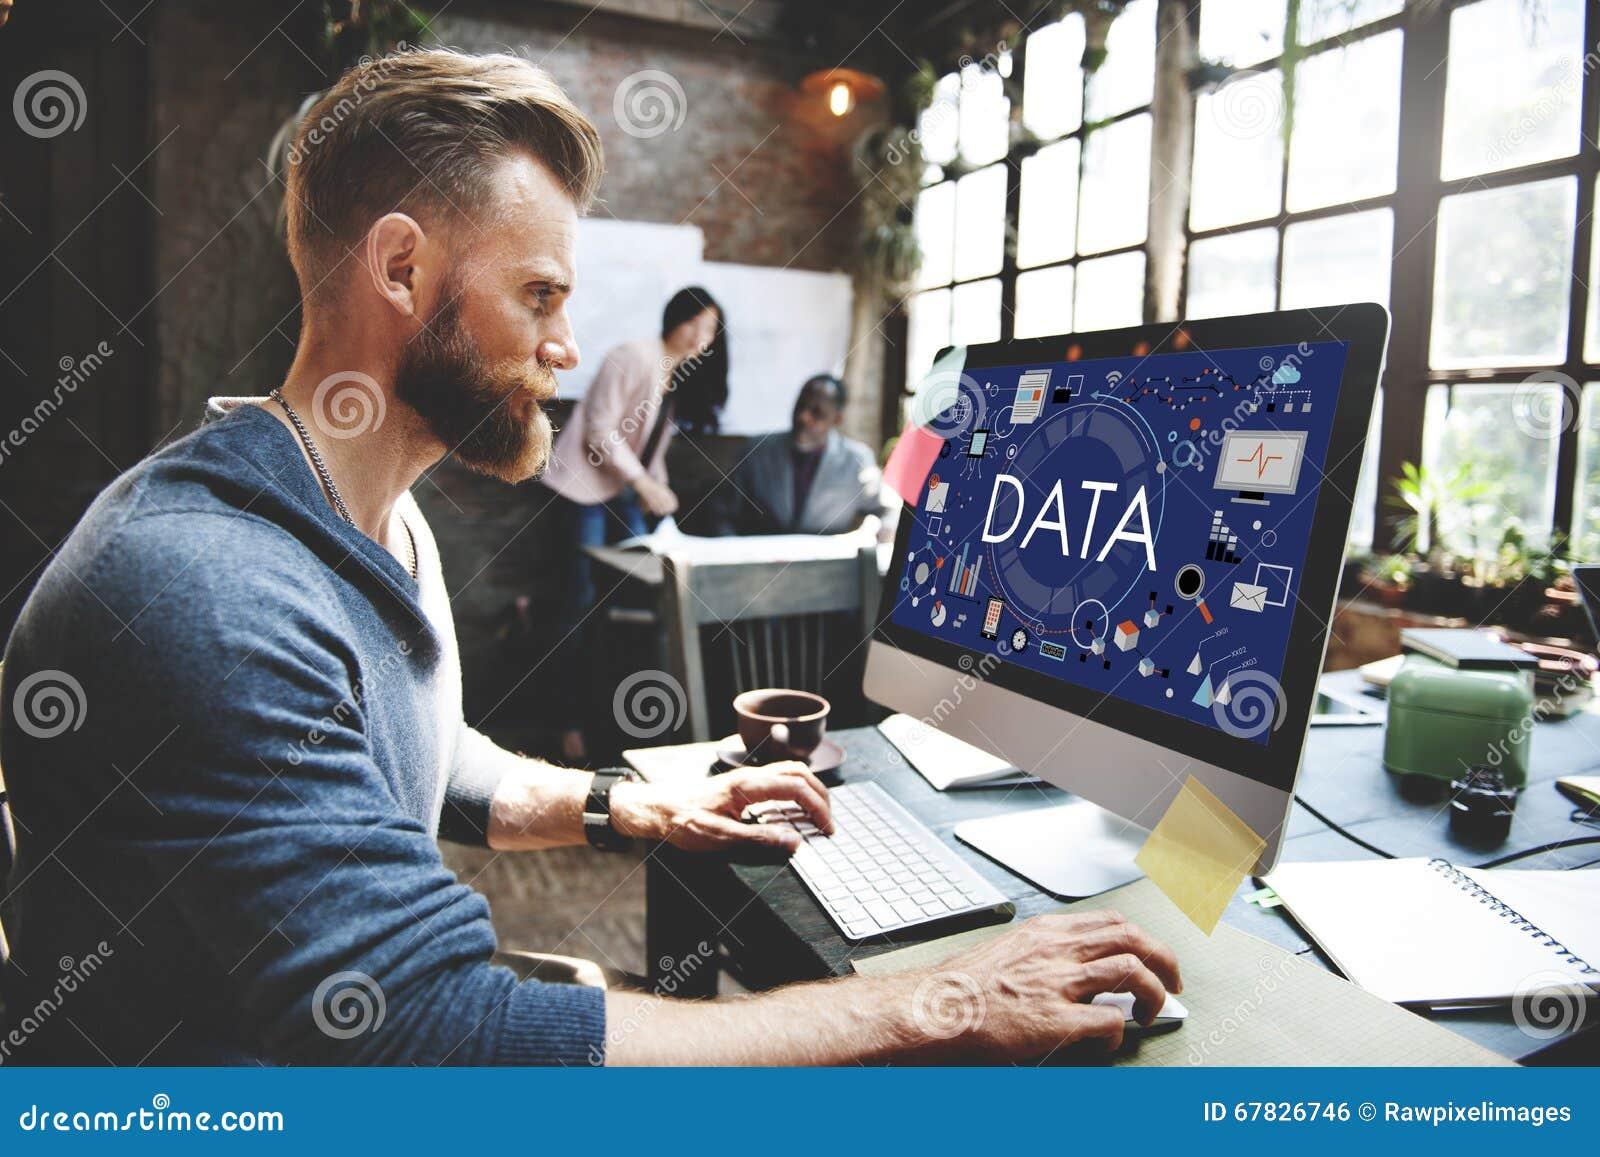 Έννοια ανάλυσης τεχνολογίας στατιστικών πληροφοριών στοιχείων